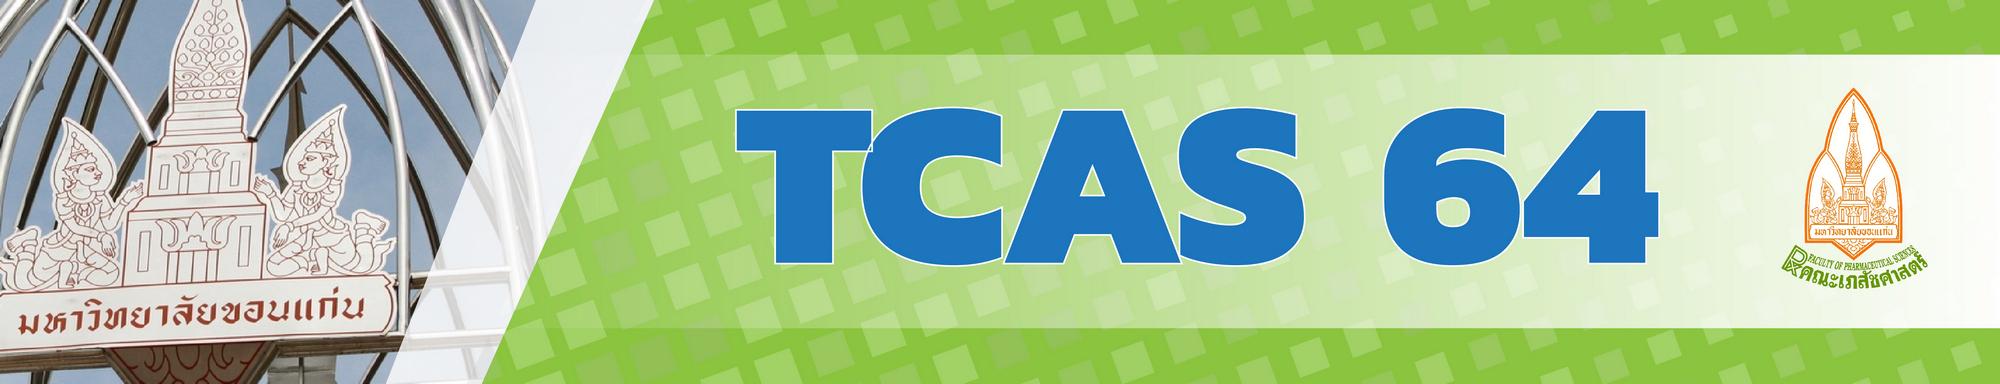 TCAS 2562